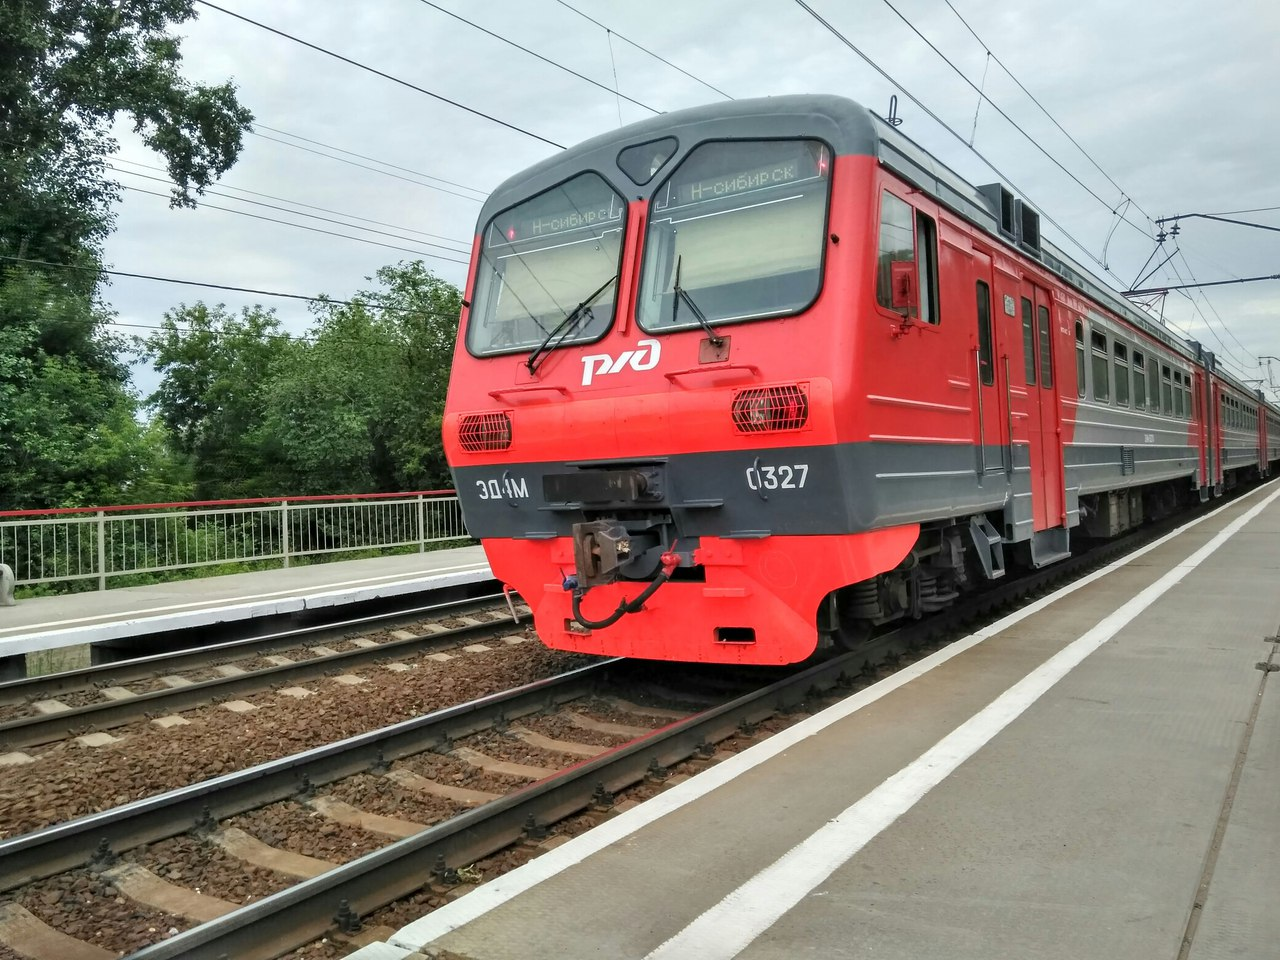 NKP0Qmk9V 4